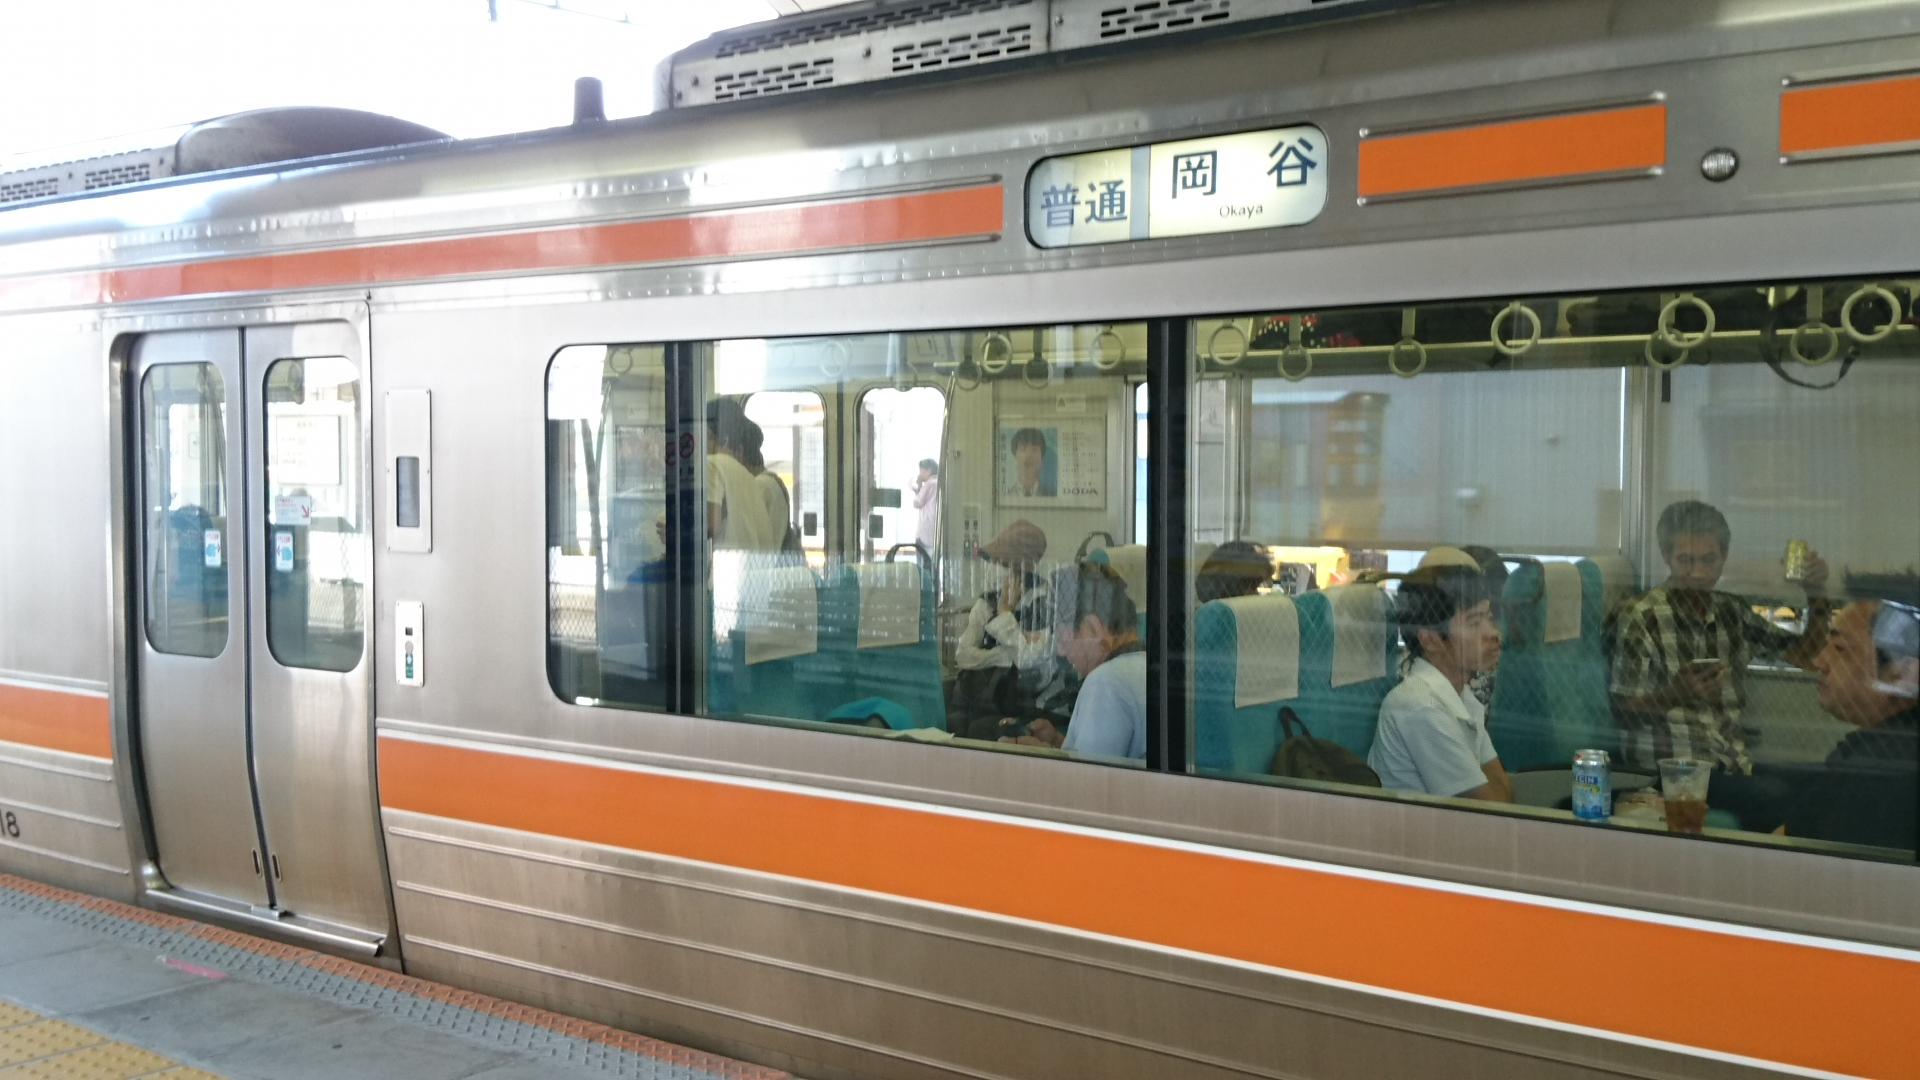 2017.8.30 豊川 (12) 豊川 - 岡谷いきふつう 1920-1080